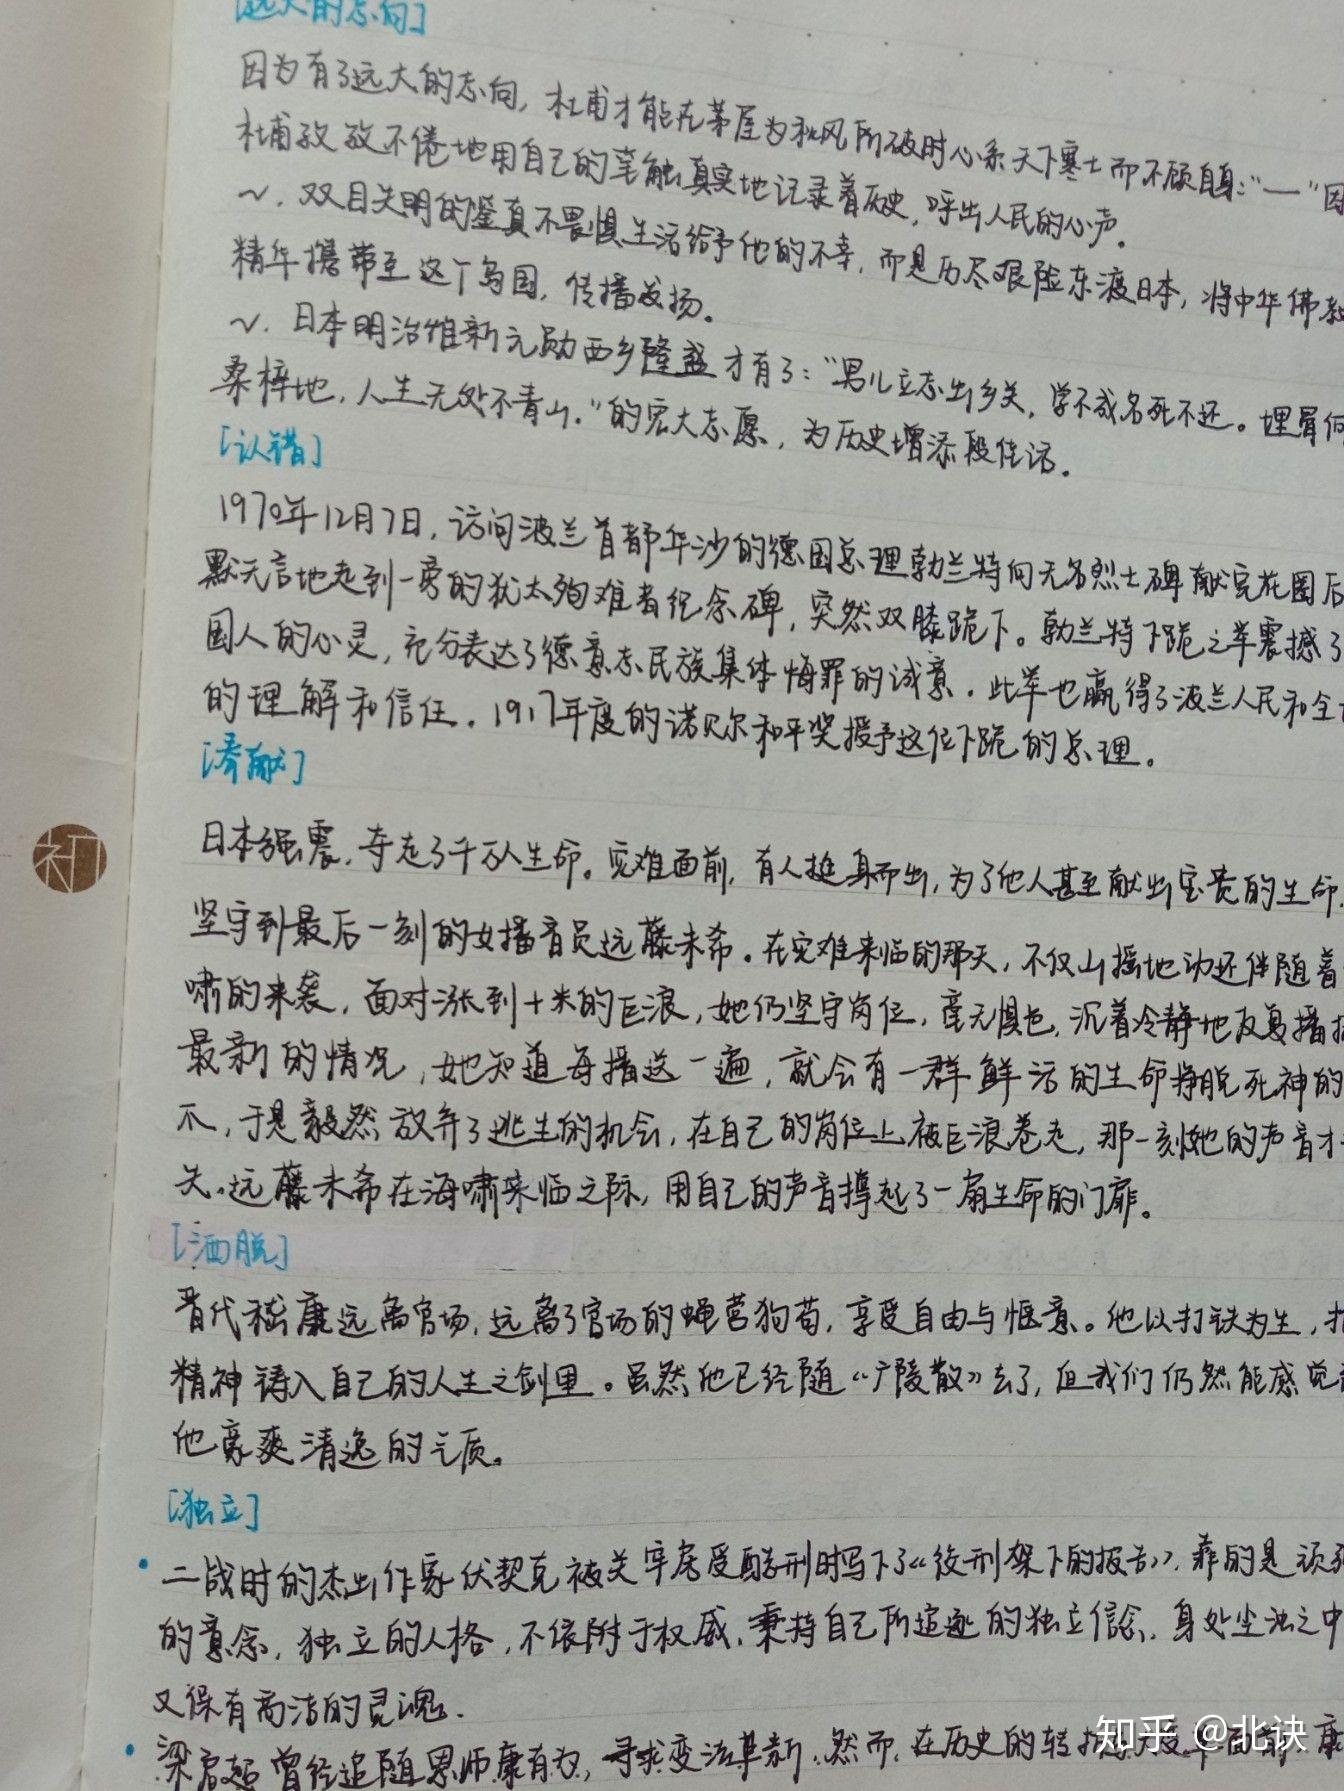 意林作文素材杂志_高中语文素材积累本应该怎么排版?有什么值得摘抄的素材可以 ...